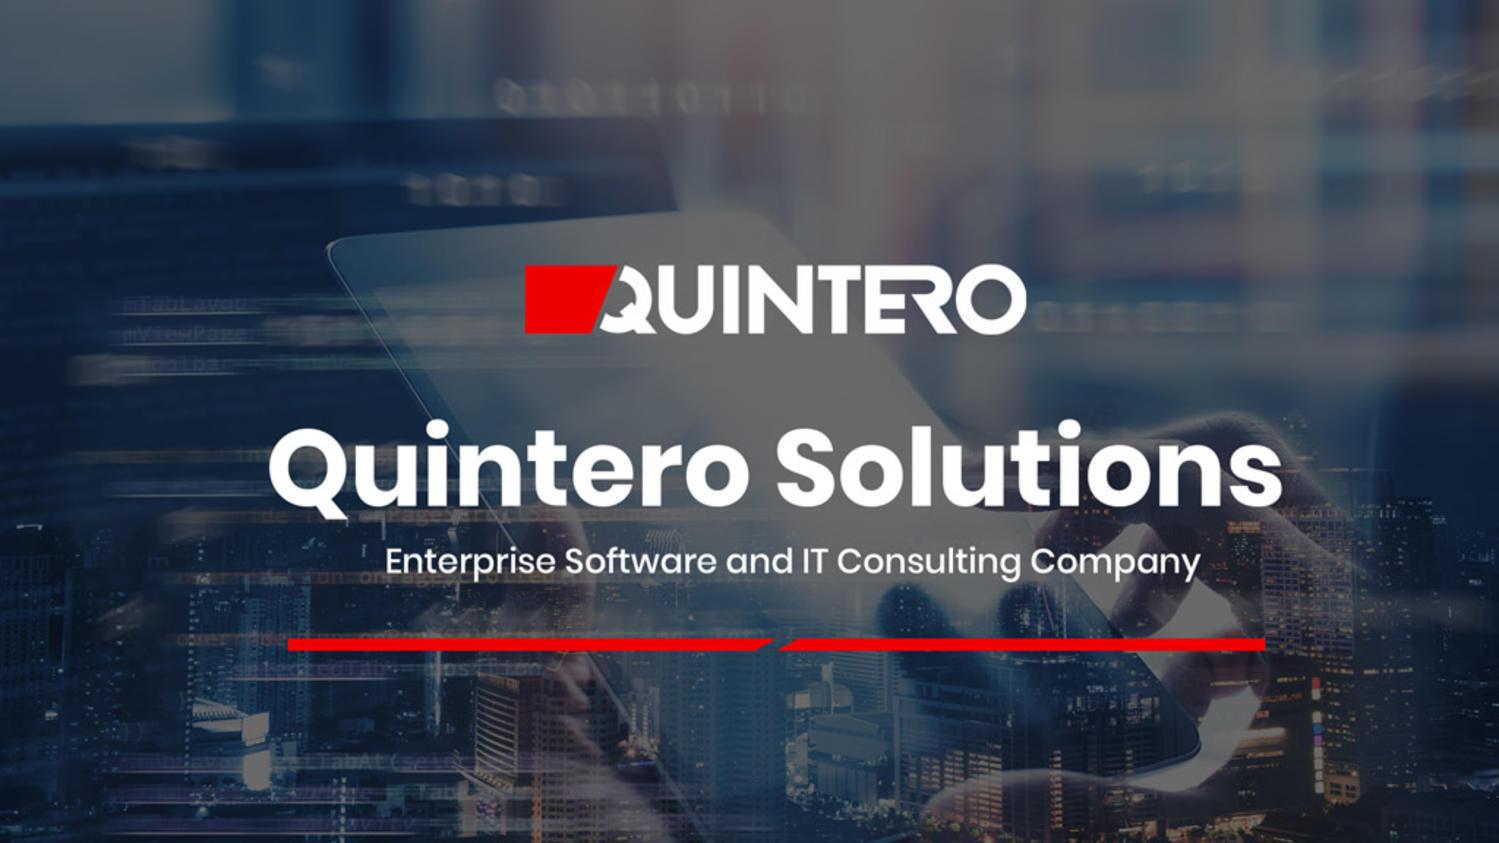 Quintero Solutions